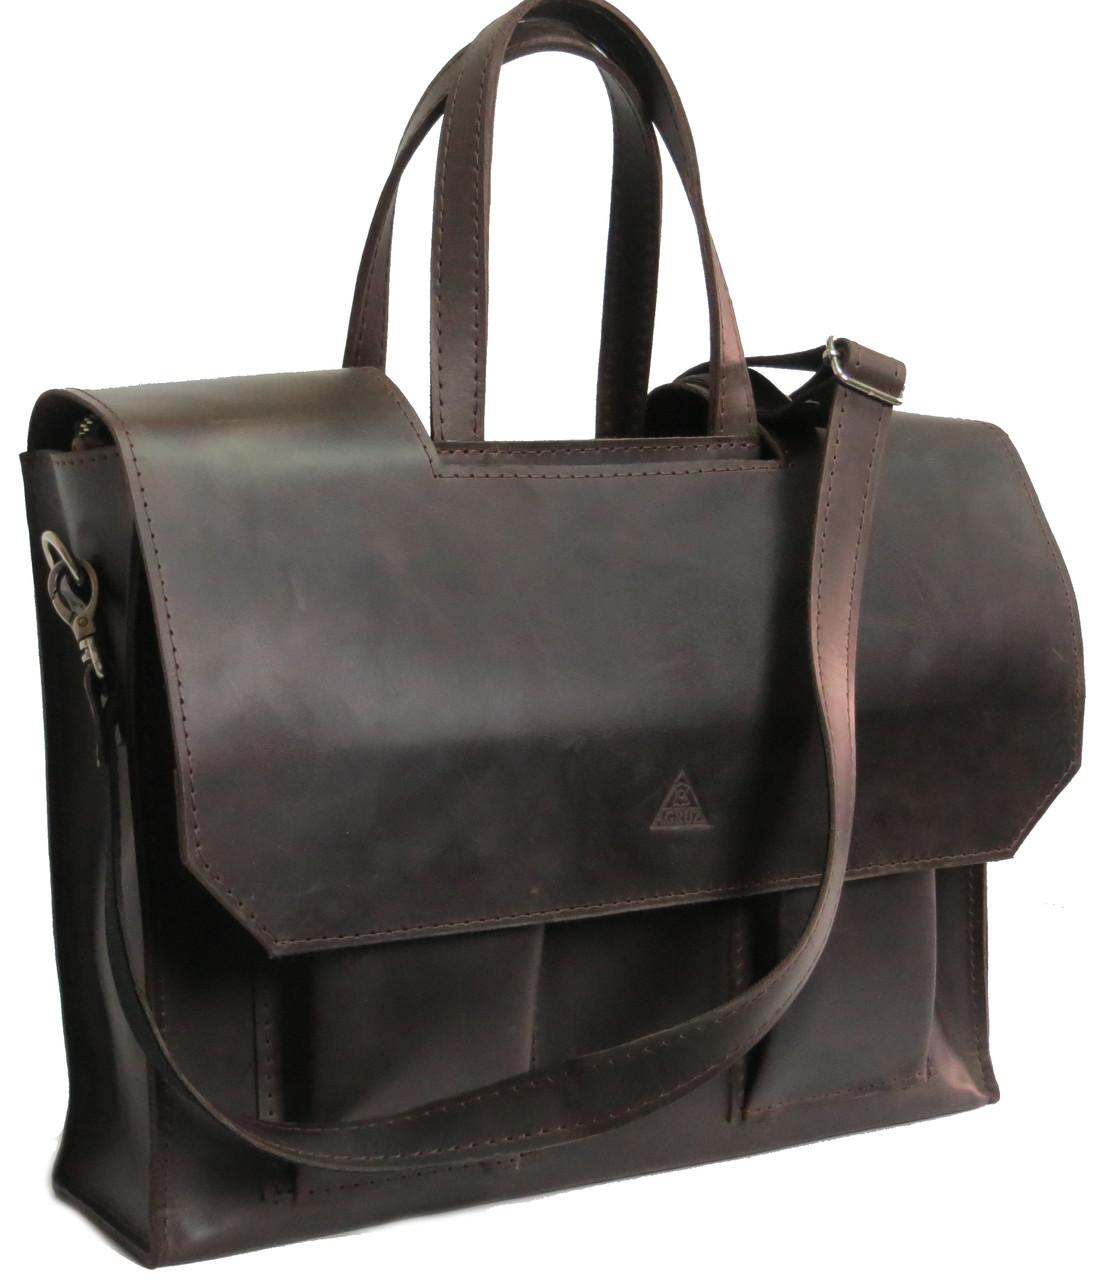 ed8591fe3ed2 Мужская кожаная сумка - портфель Agruz 72995 коричневый — только ...